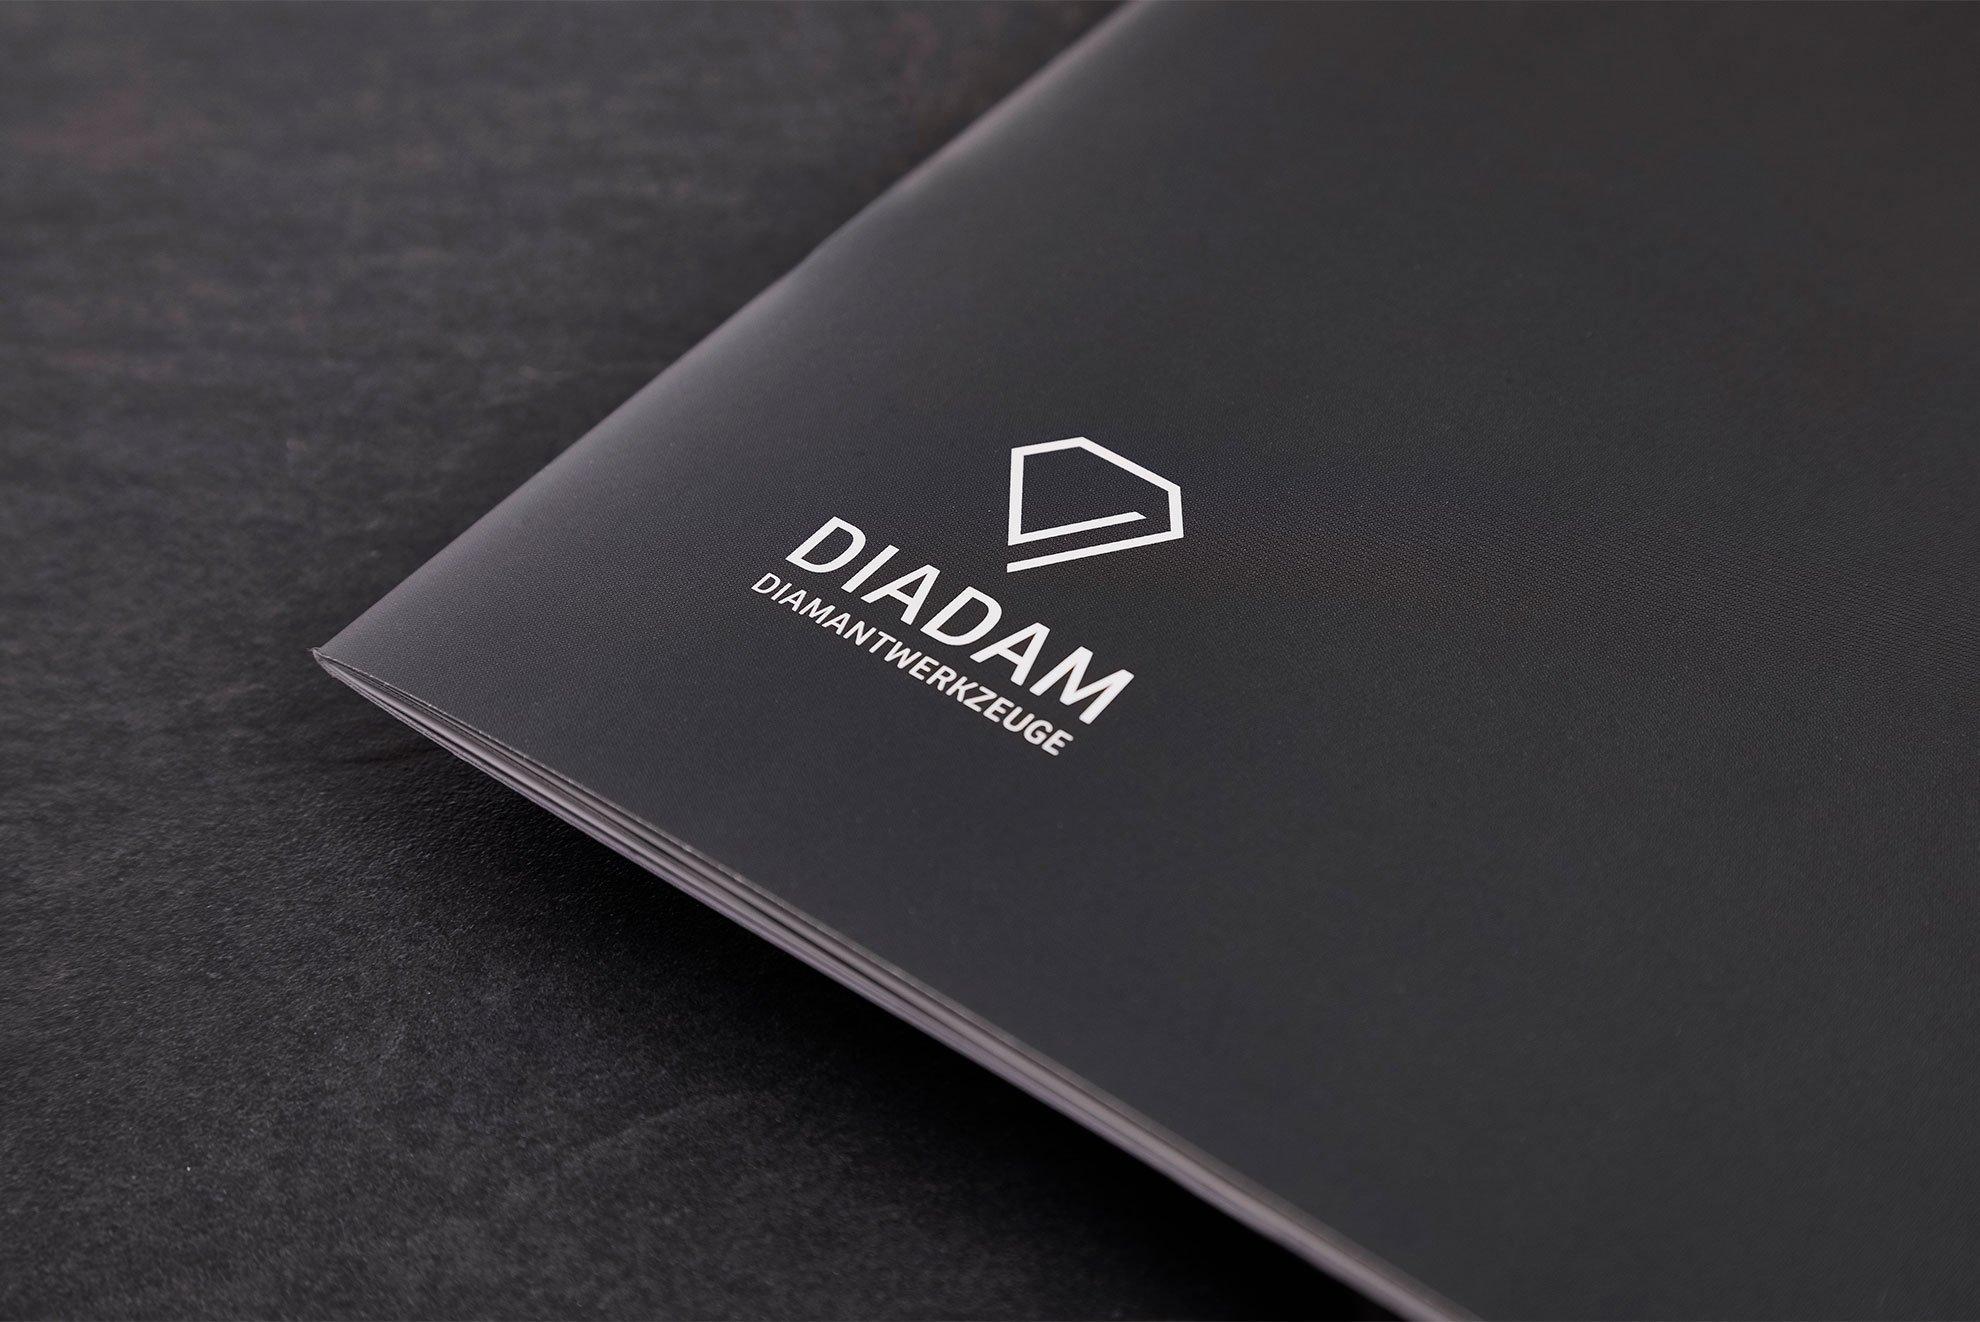 Logo auf Imagebroschüre - Diadam Corporate Design und Webdesign